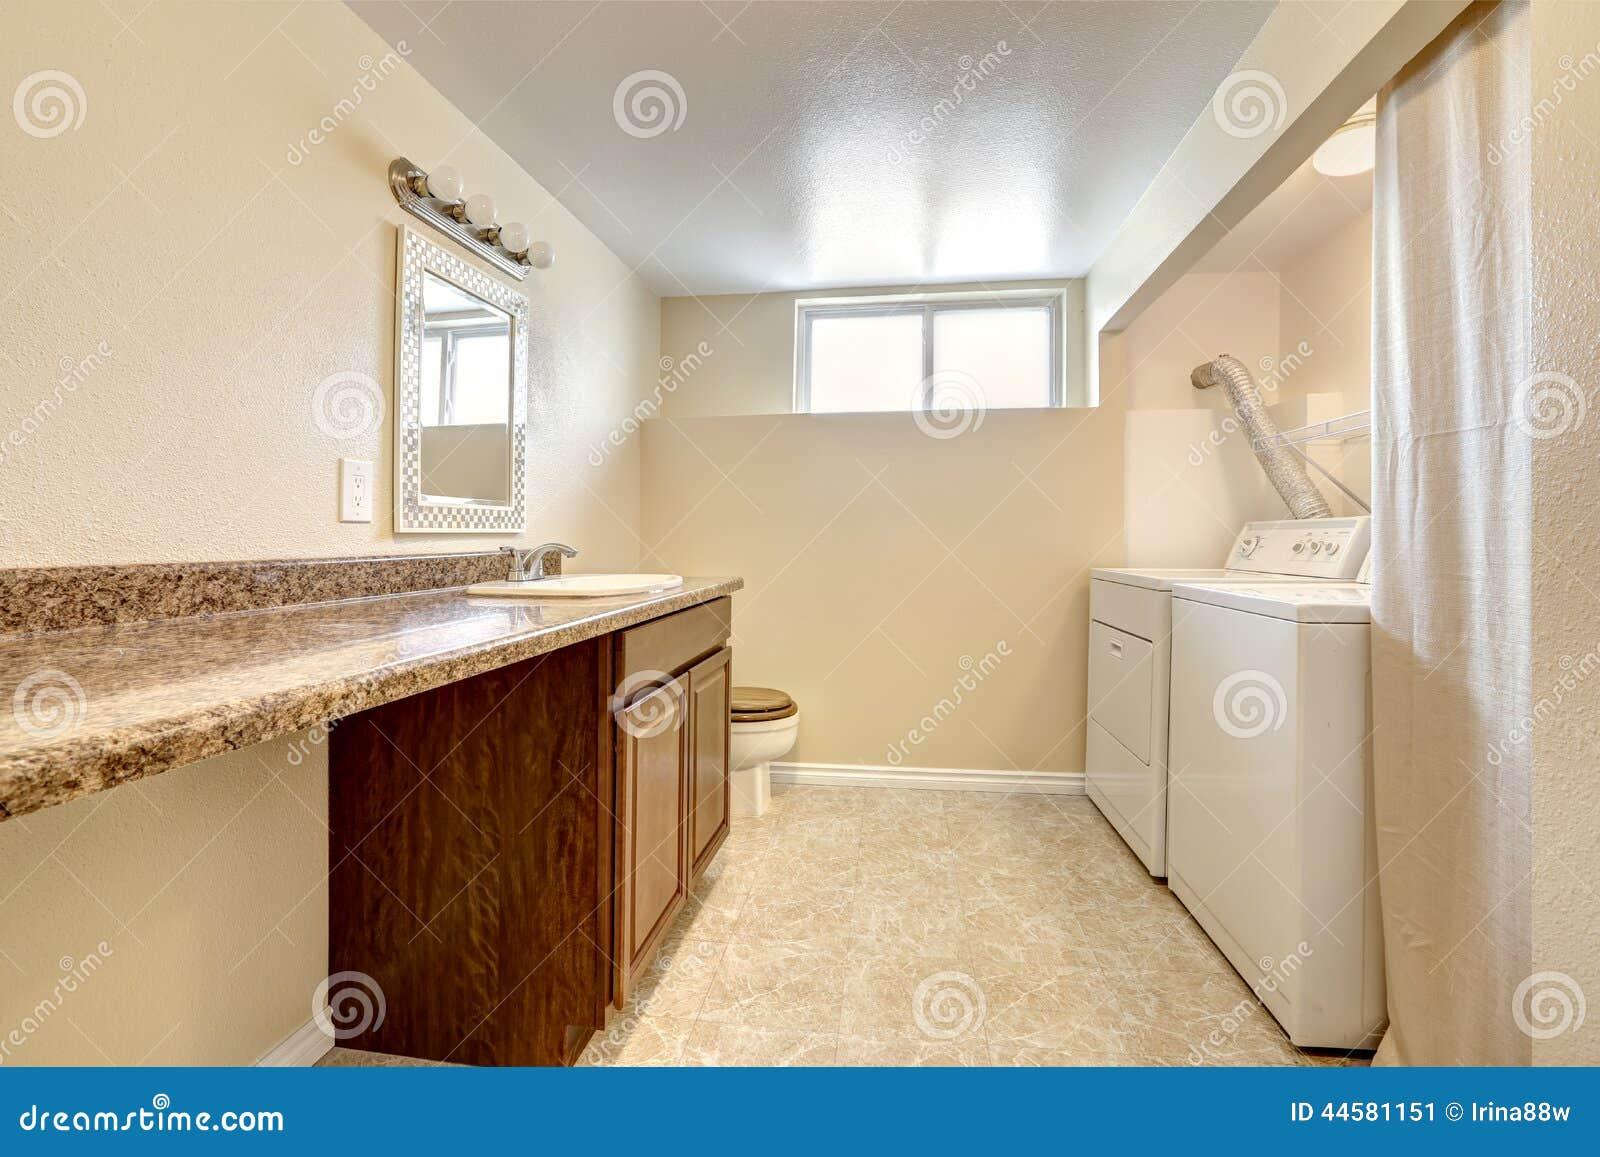 plan de travail buanderie cool un plan de travail unifi with plan de travail buanderie simple. Black Bedroom Furniture Sets. Home Design Ideas